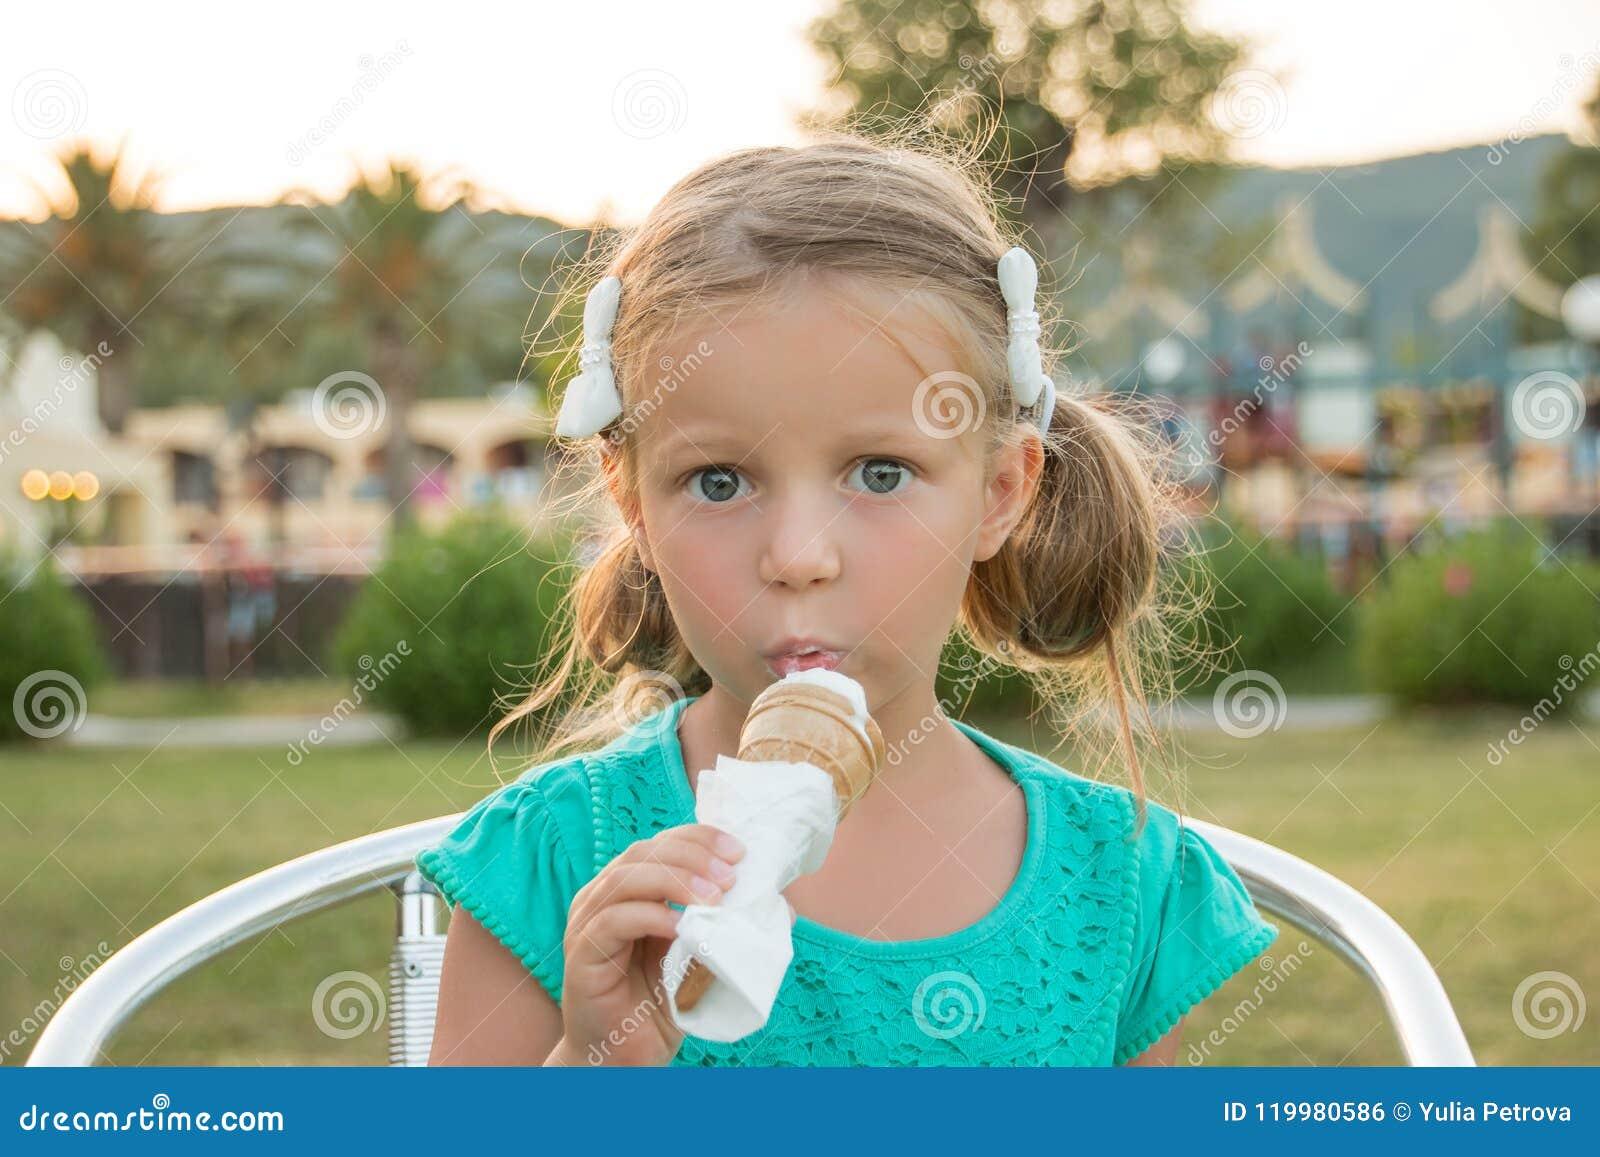 Słodka mała blond dziewczyna je jej lody w lata świetle słonecznym w zielonej koszulce Wakacje, słodki deser